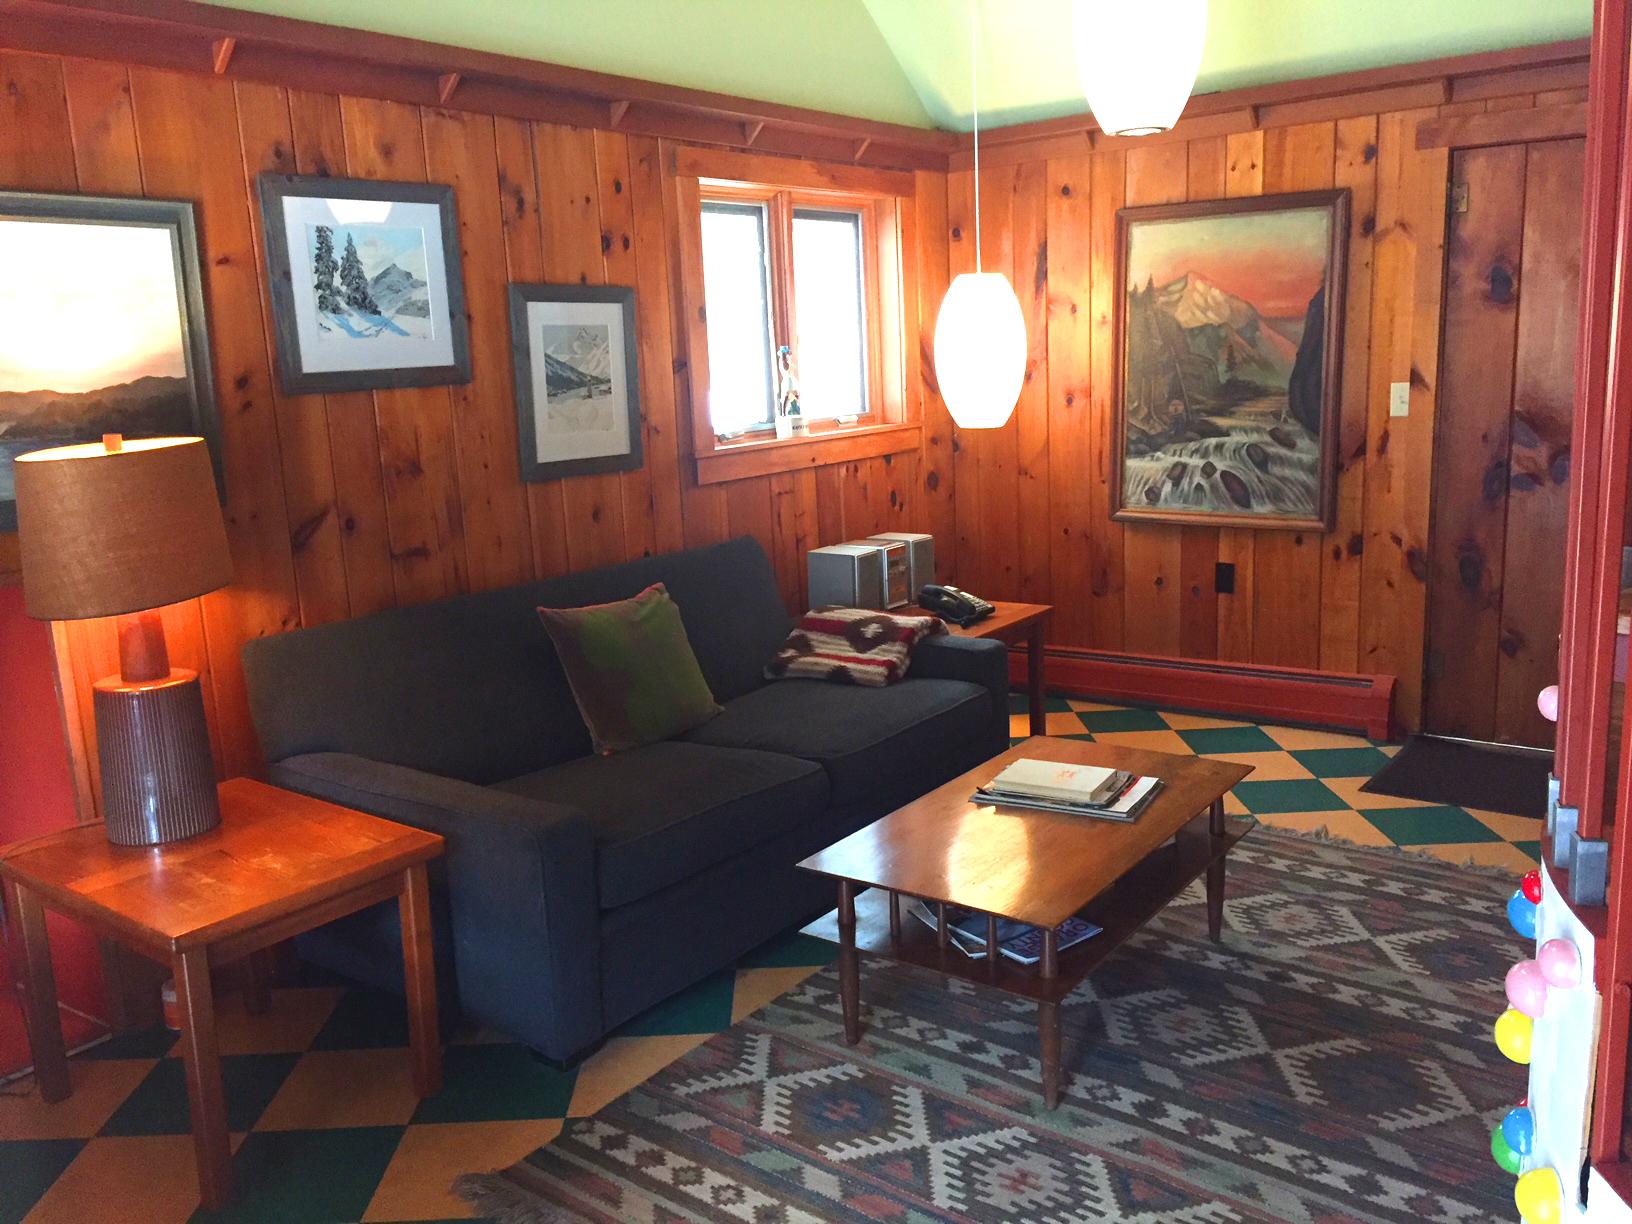 suite7_livingroom2019.JPG